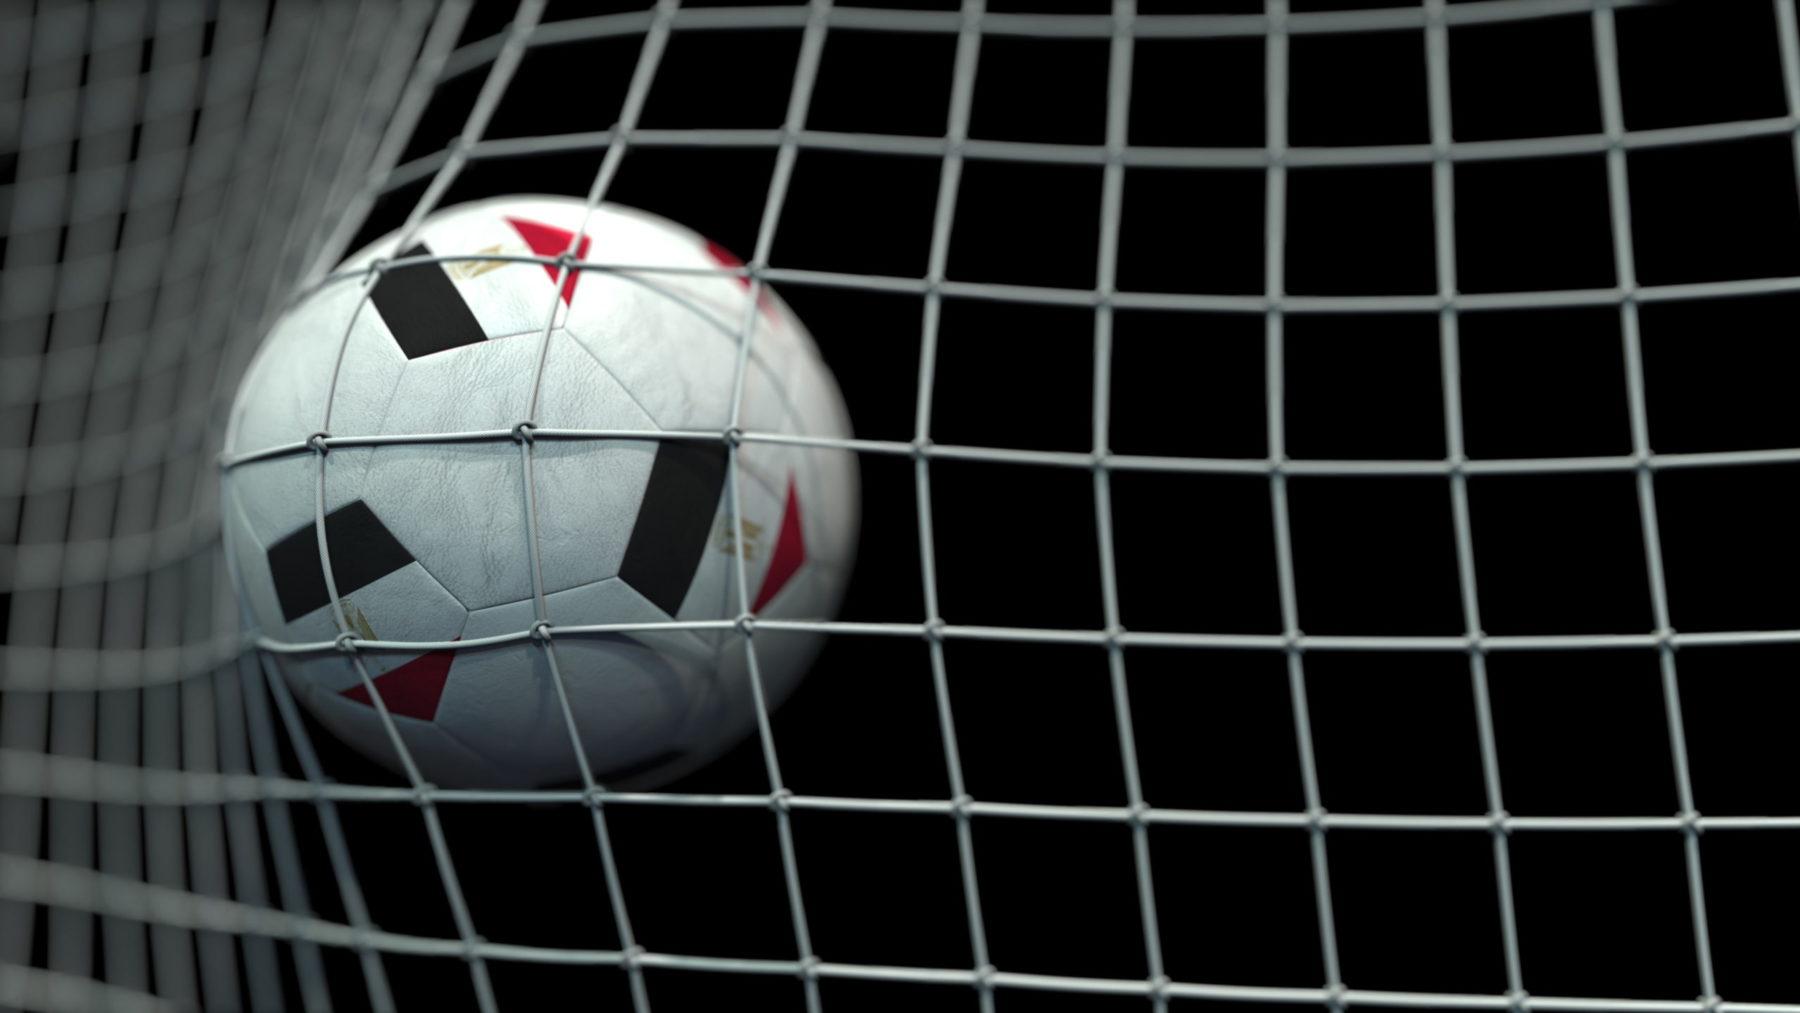 Un ballon de foot dans les buts, en première division égyptienne